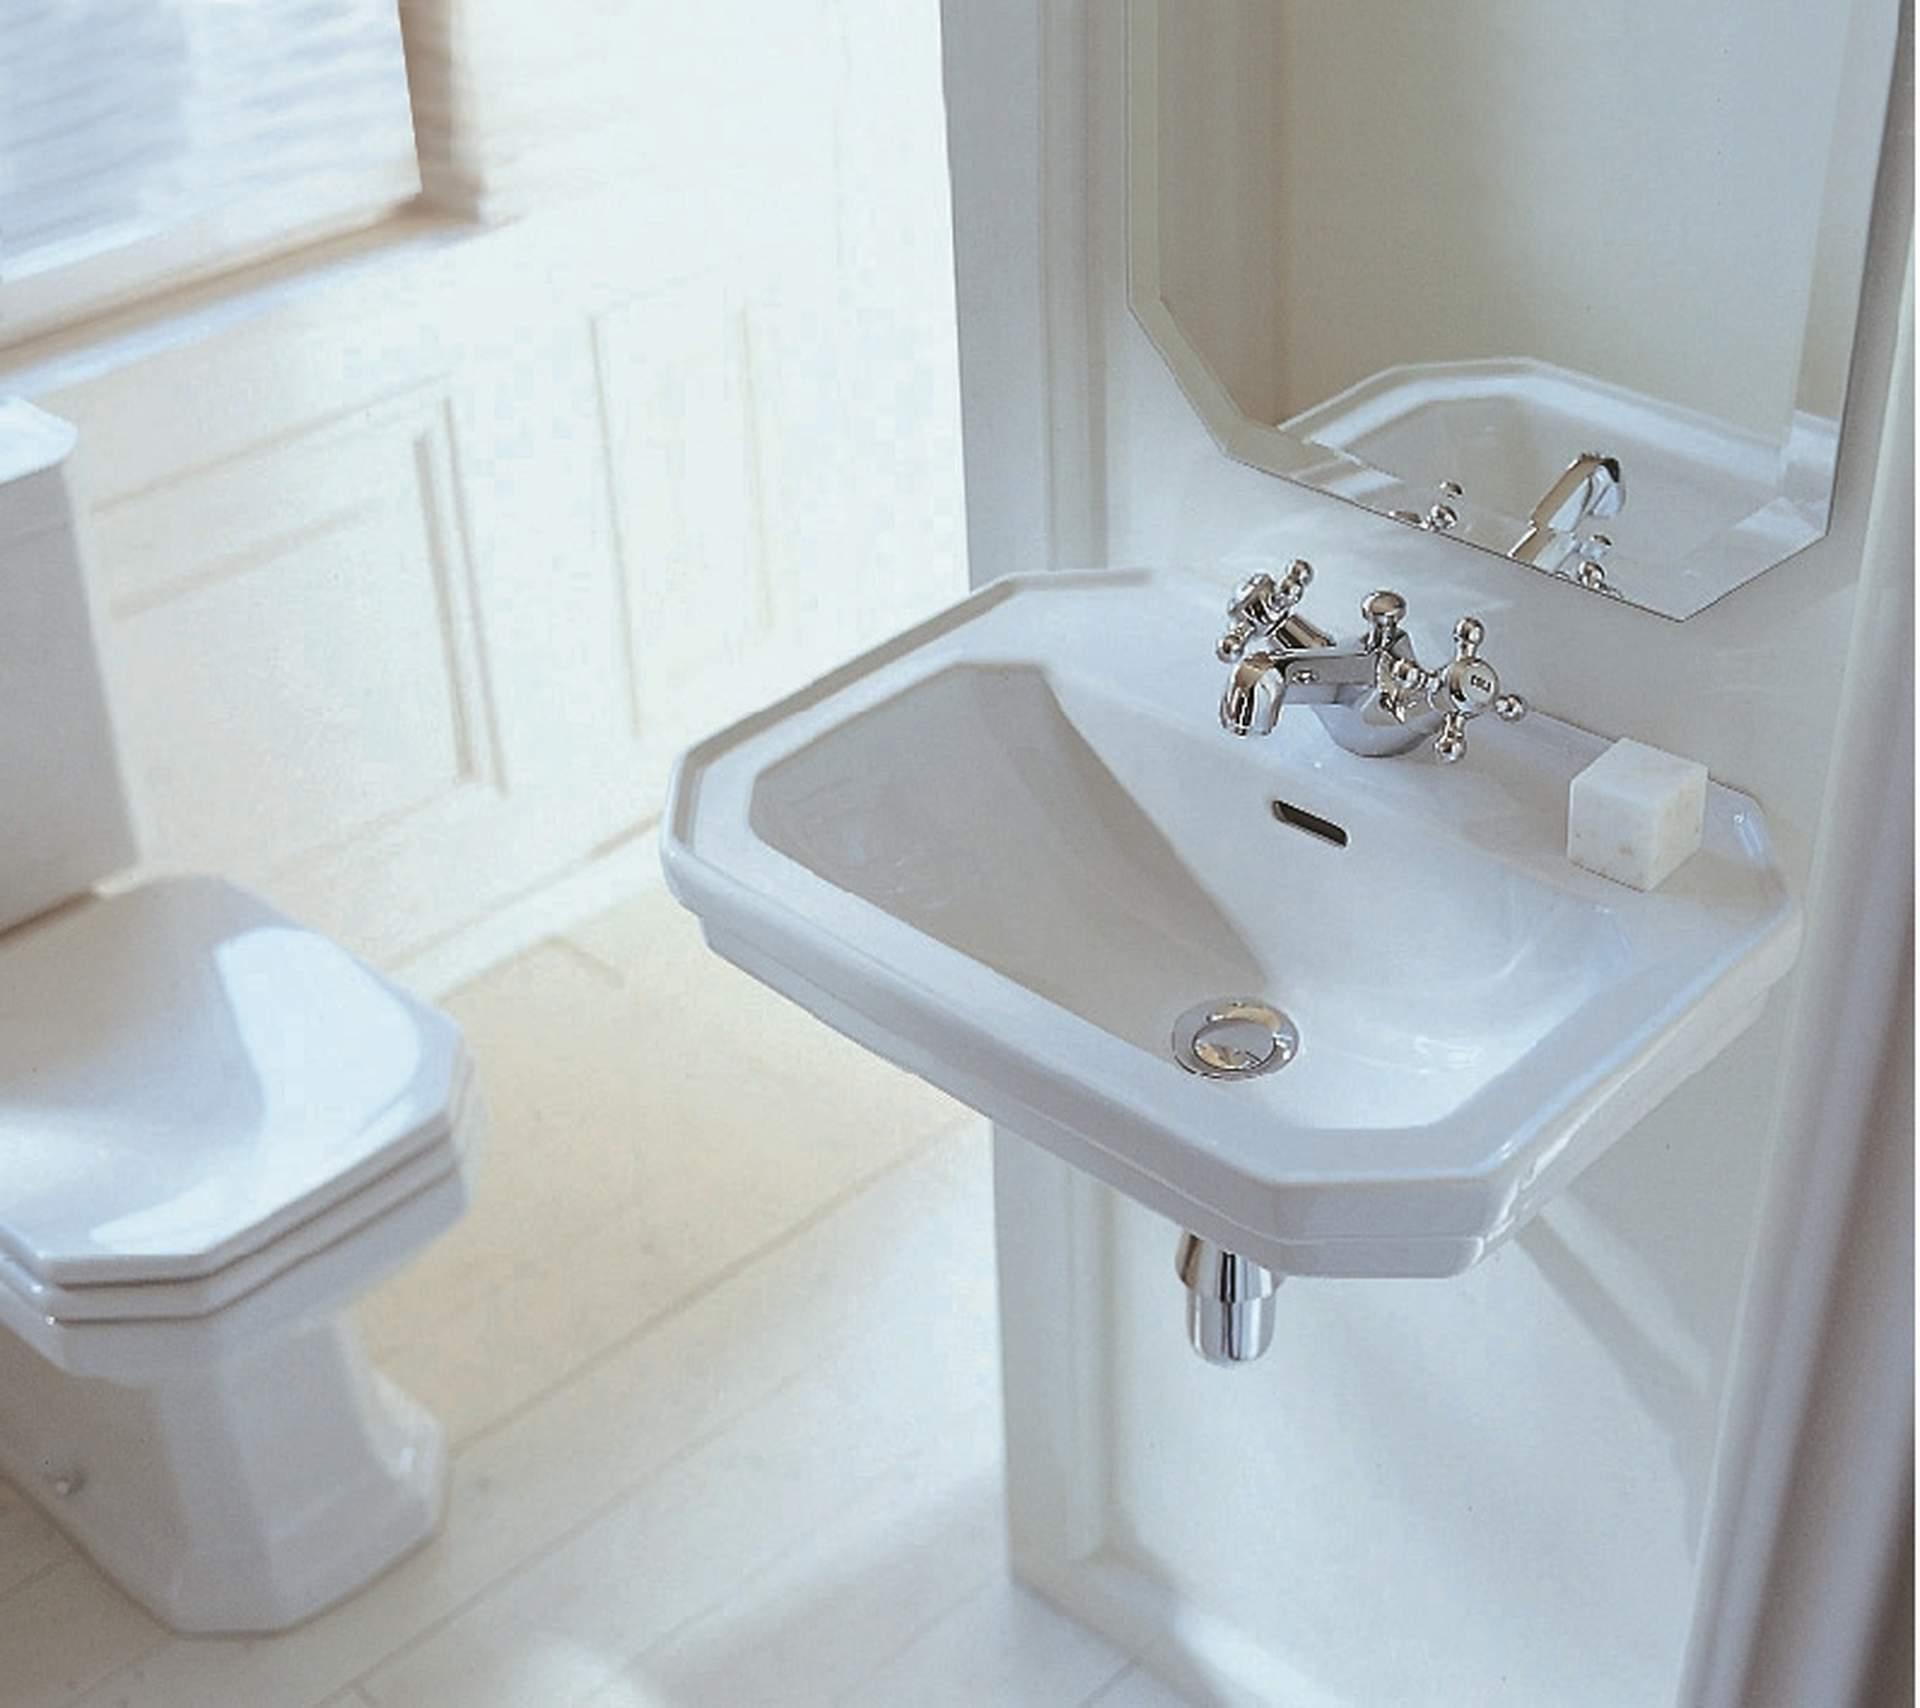 duravit 1930 waschtische wcs bidets duravit. Black Bedroom Furniture Sets. Home Design Ideas